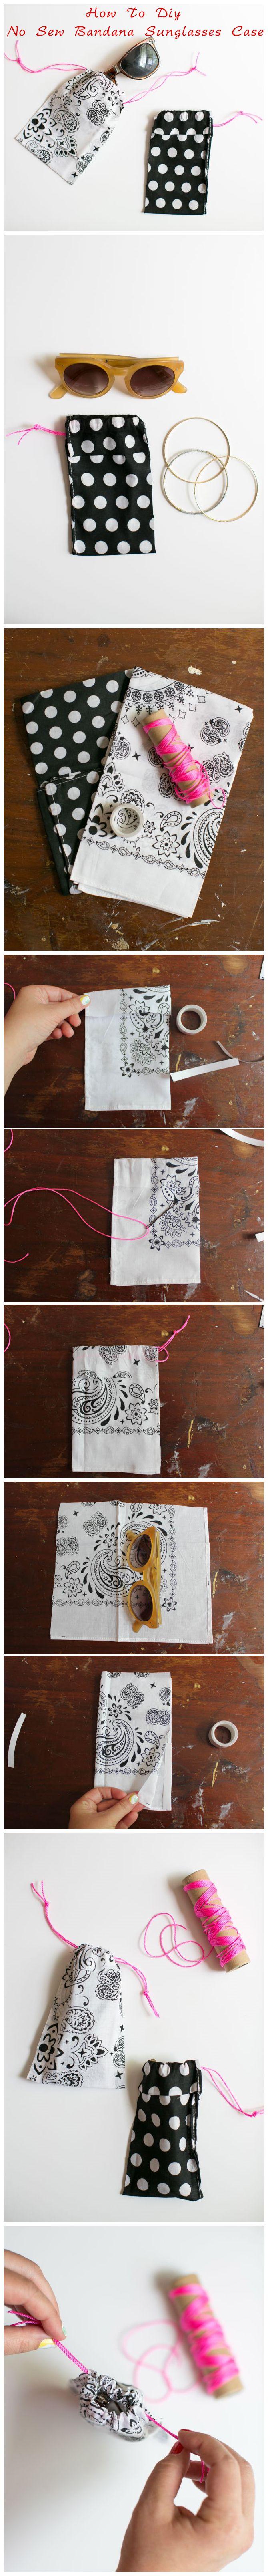 how to #diy no sew bandana #sunglasses #case | how #diy #crafts